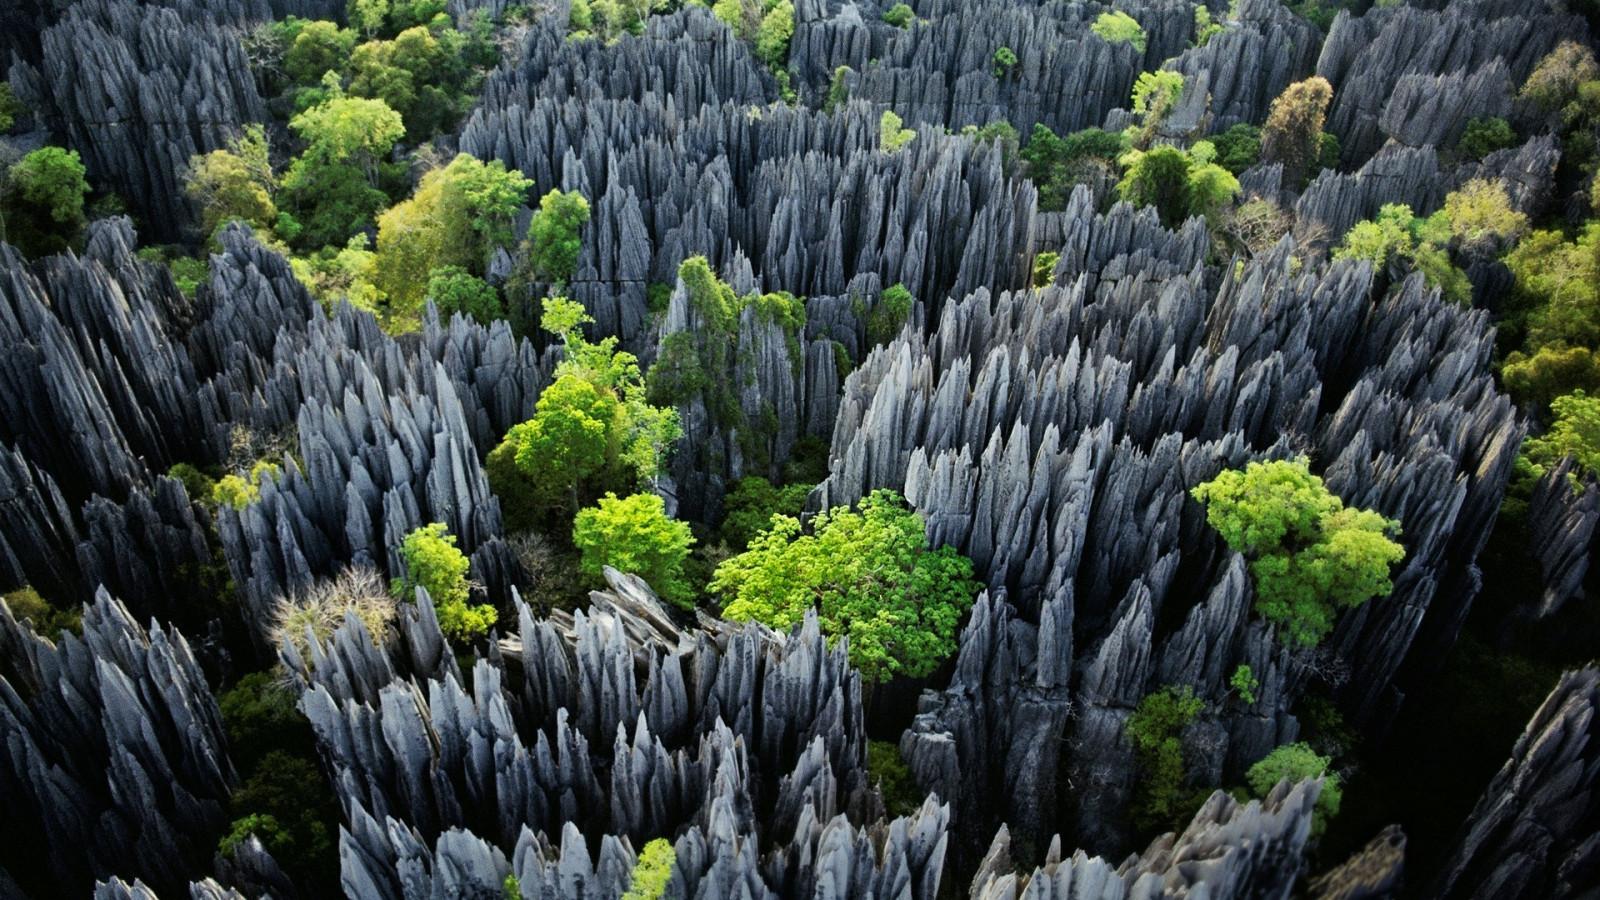 Kết quả hình ảnh cho Công viên quốc gia Tsingy de Bemaraha